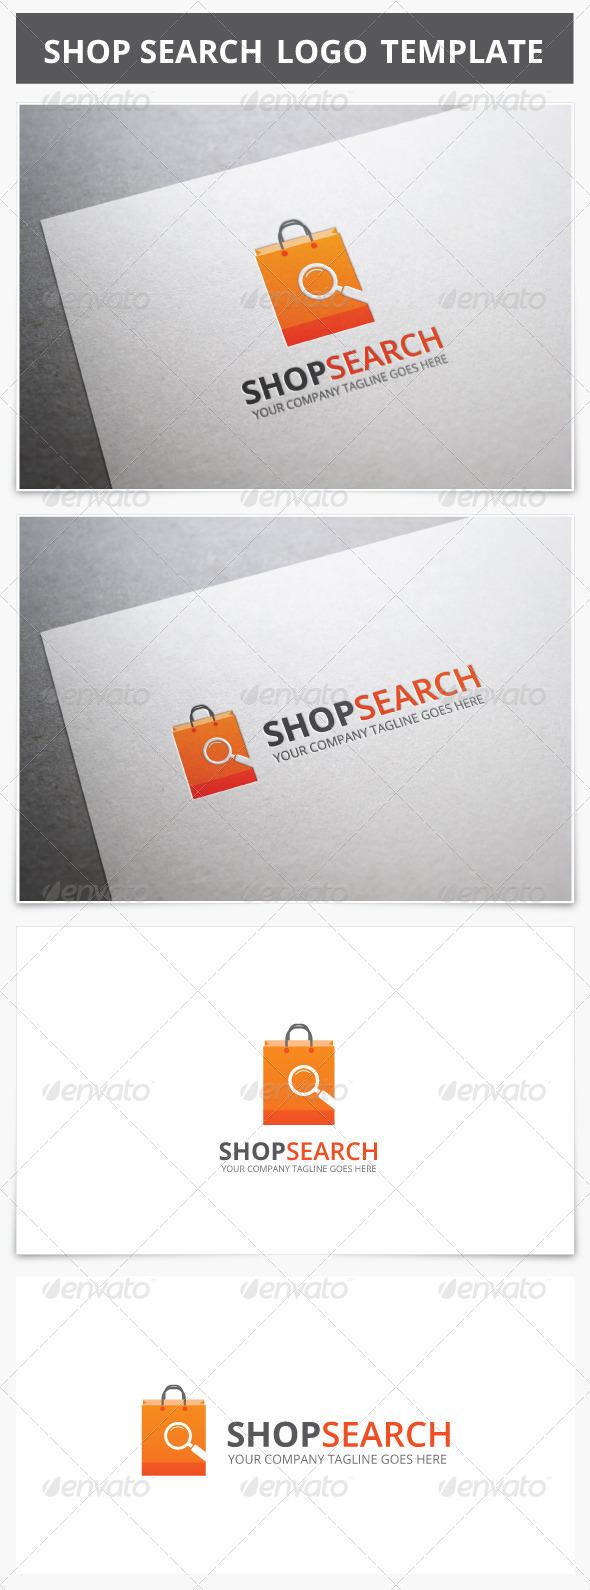 GraphicRiver Shop Search Logo 7505119